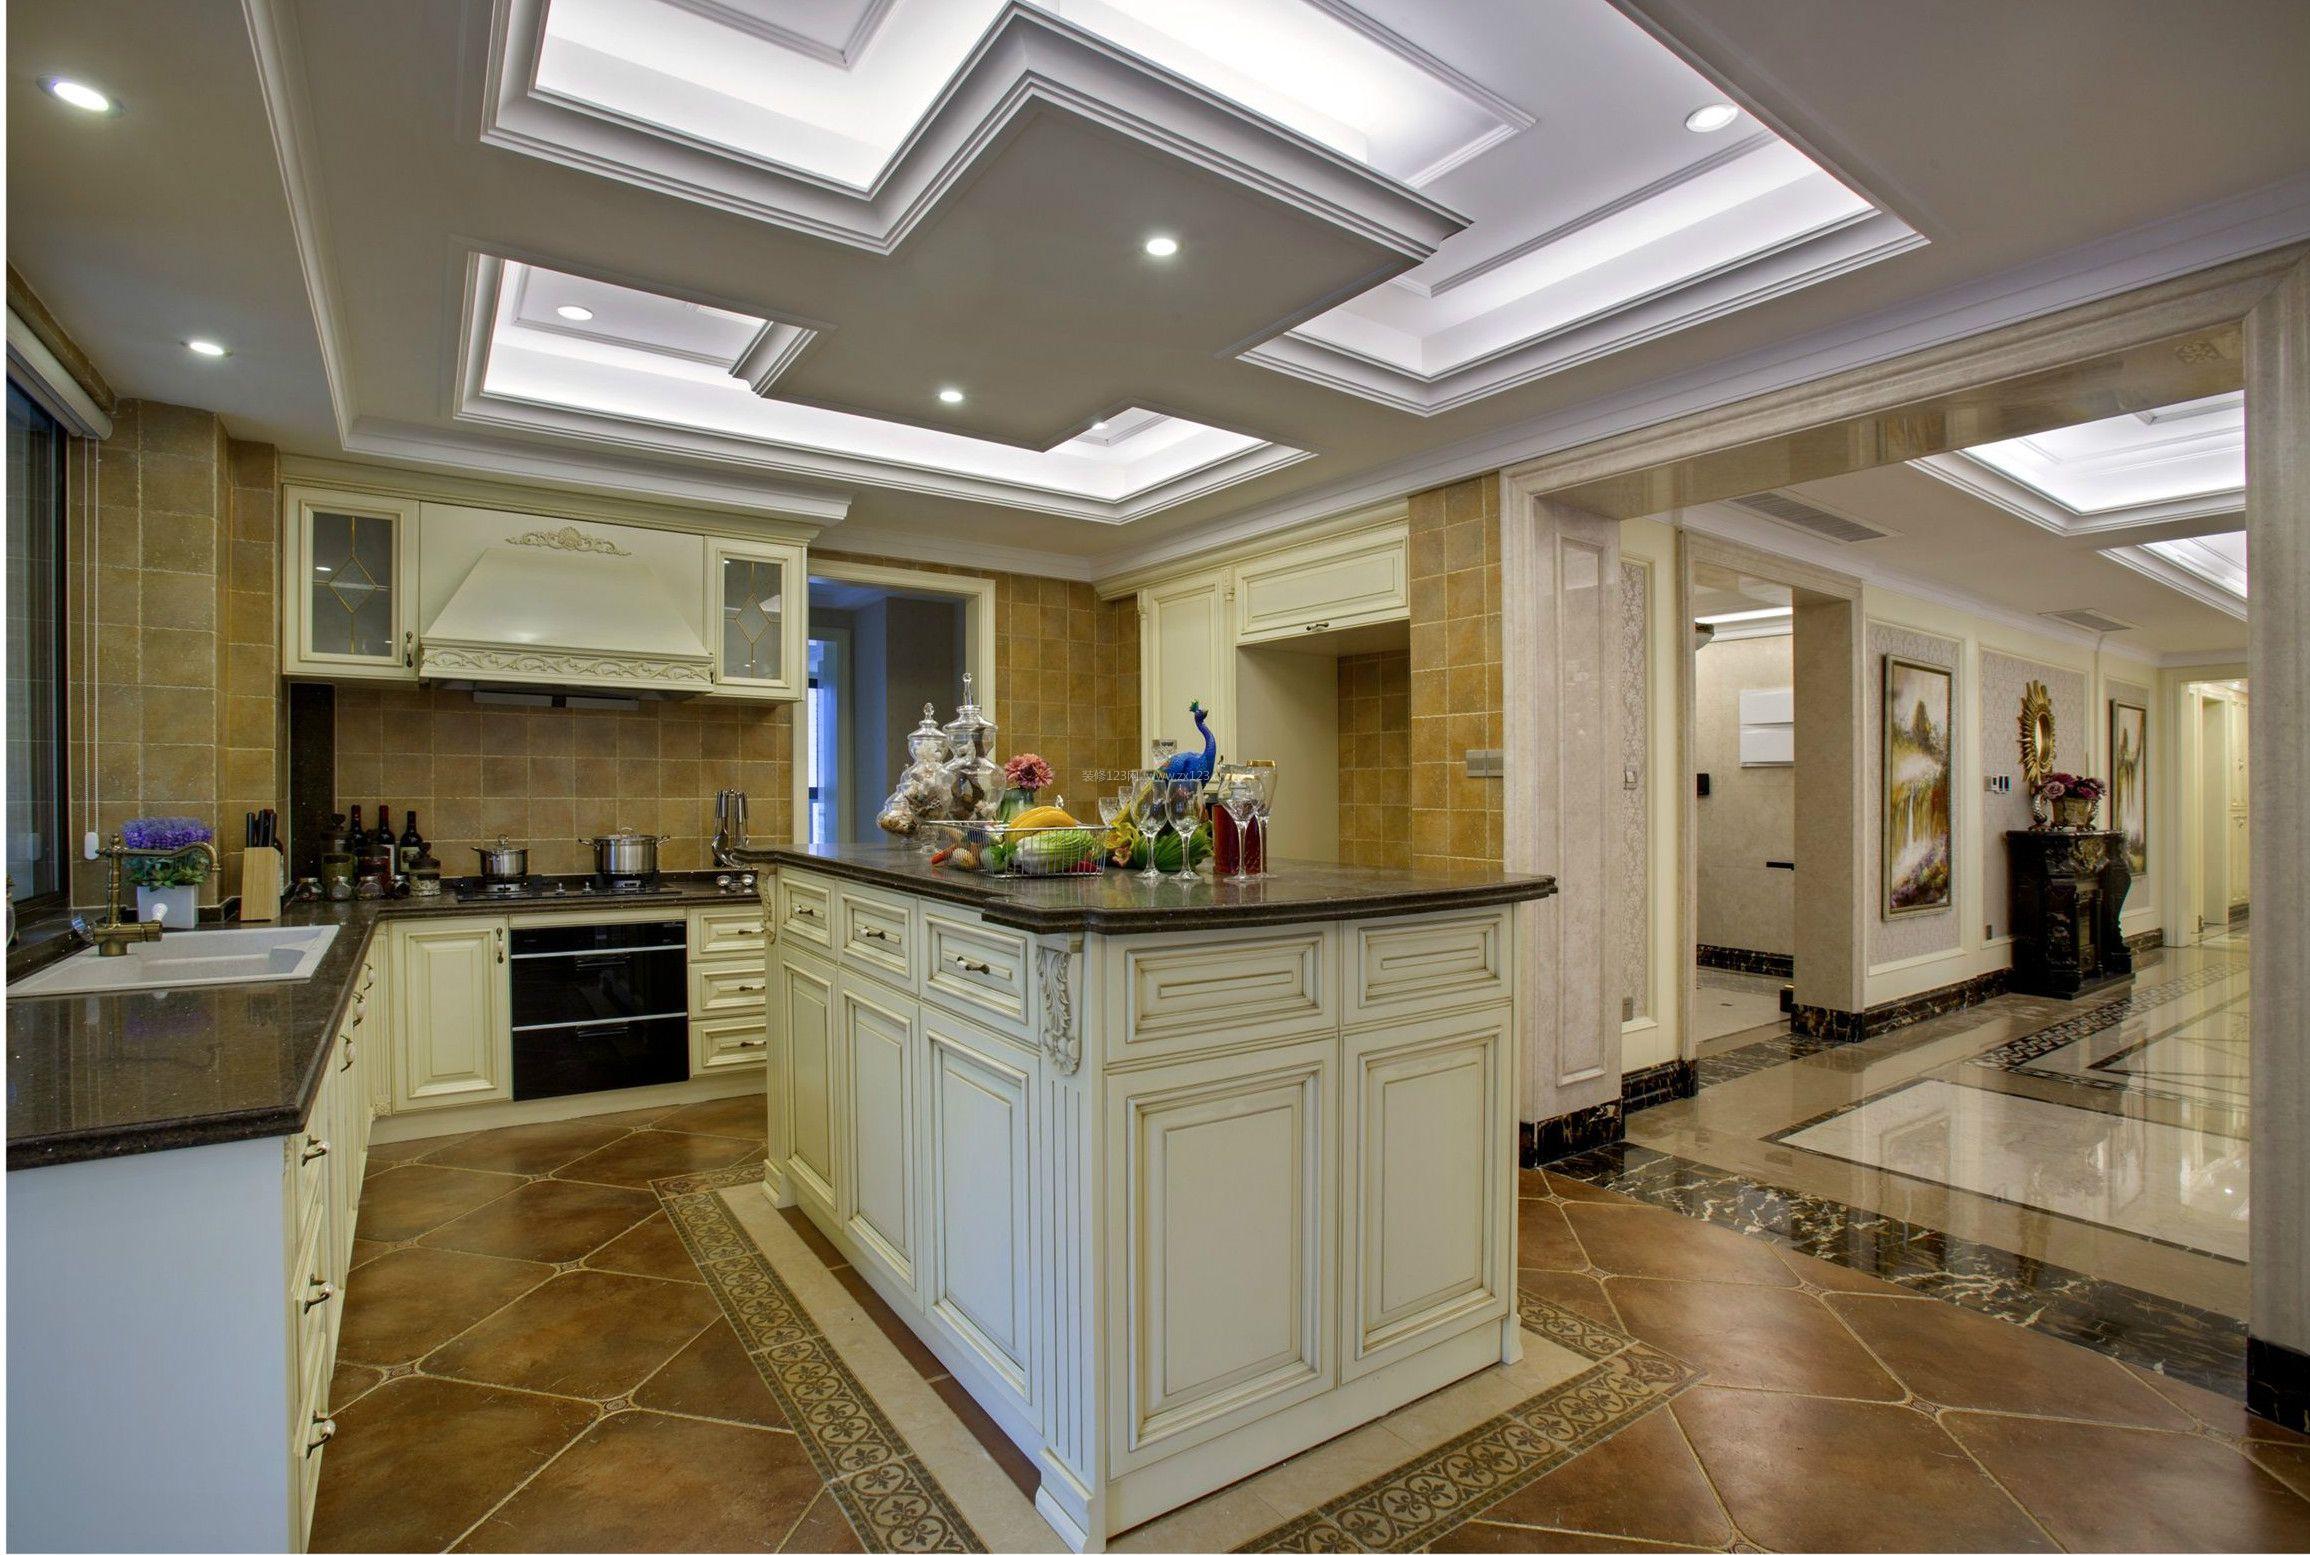 现代欧式背景开放式厨房装修设计风格图2018年最新实景墙图片